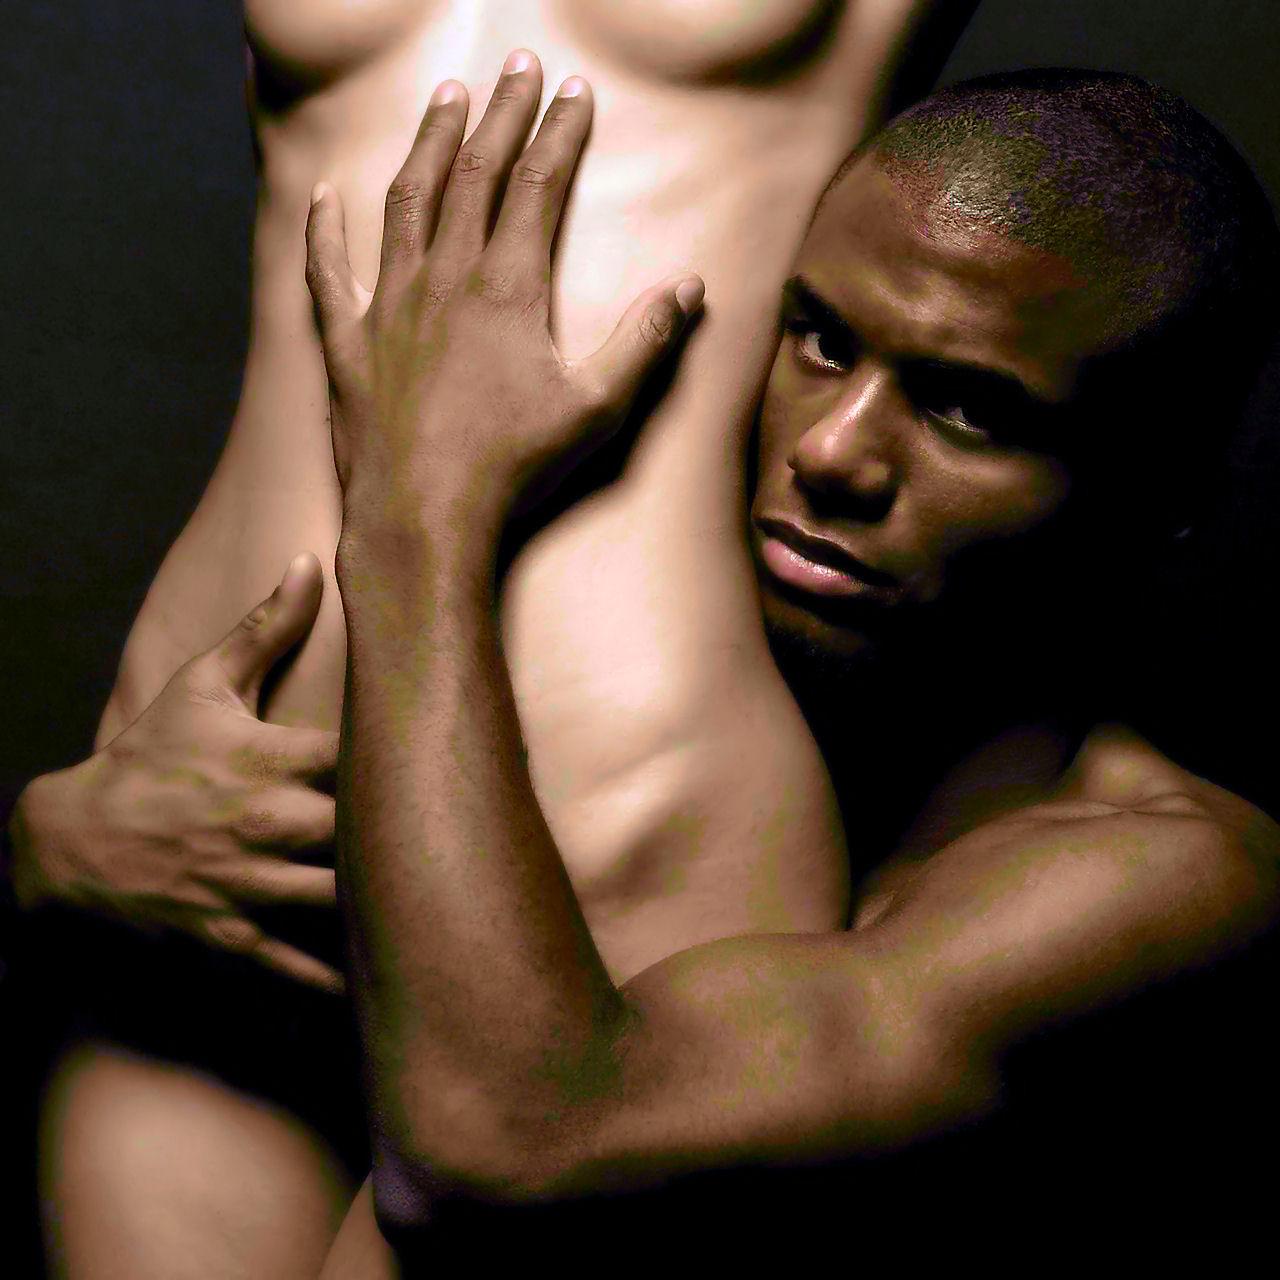 erotica-multiple-stories